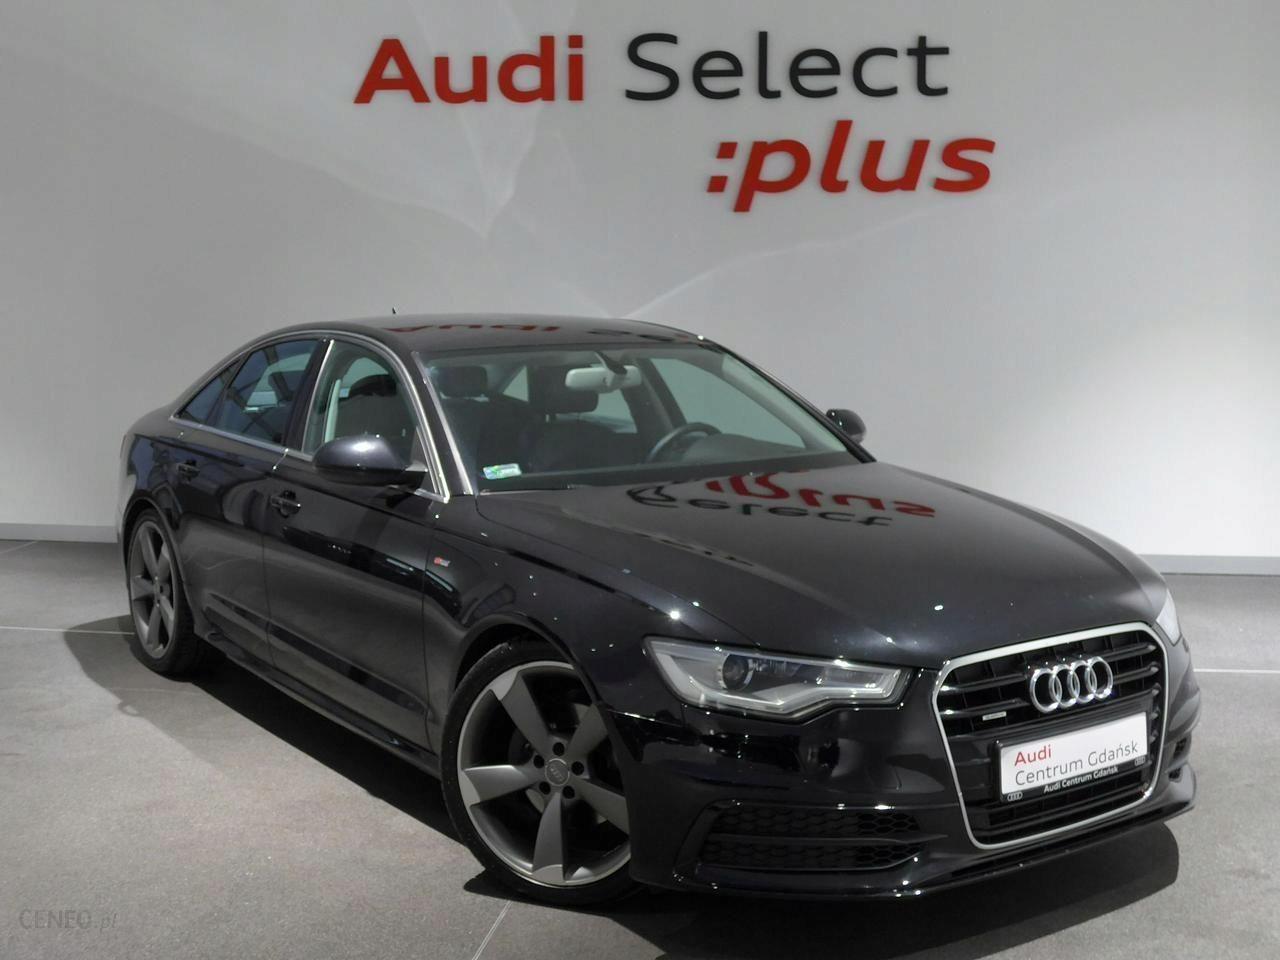 Audi A6 30tdi Quattro Webasto Klima 4 Strefy Opinie I Ceny Na Ceneopl